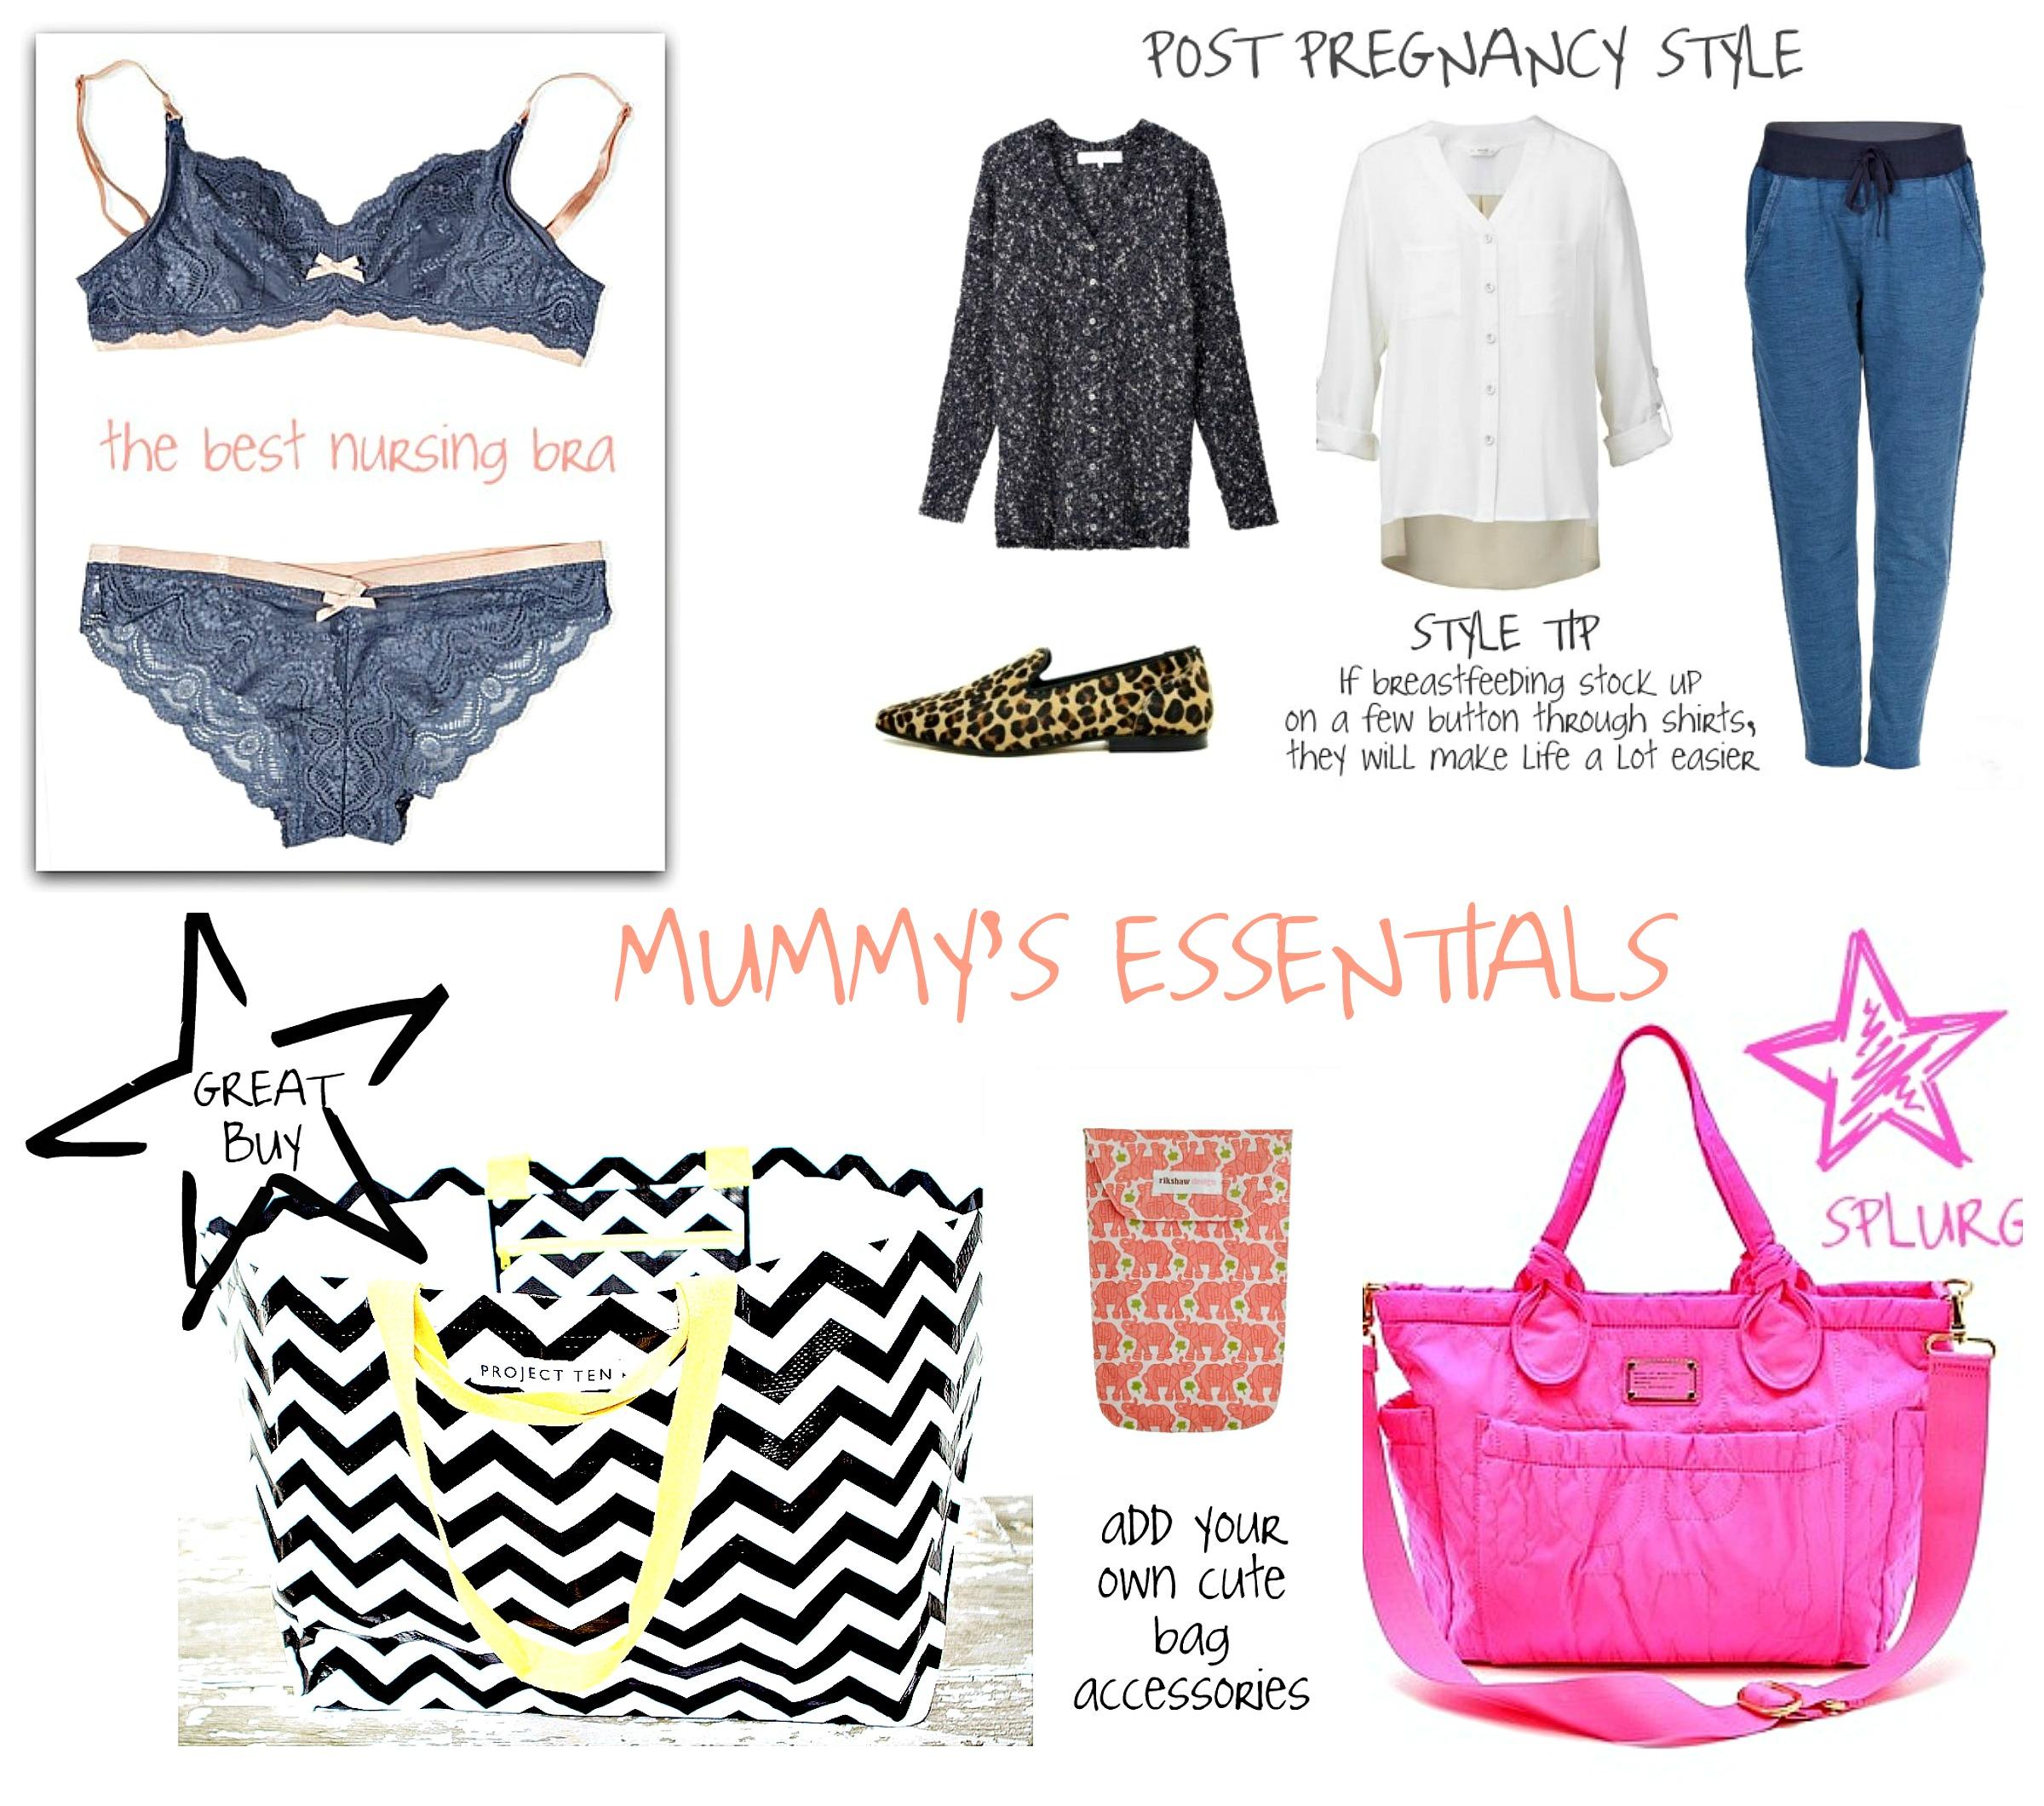 mummy's essentials collage